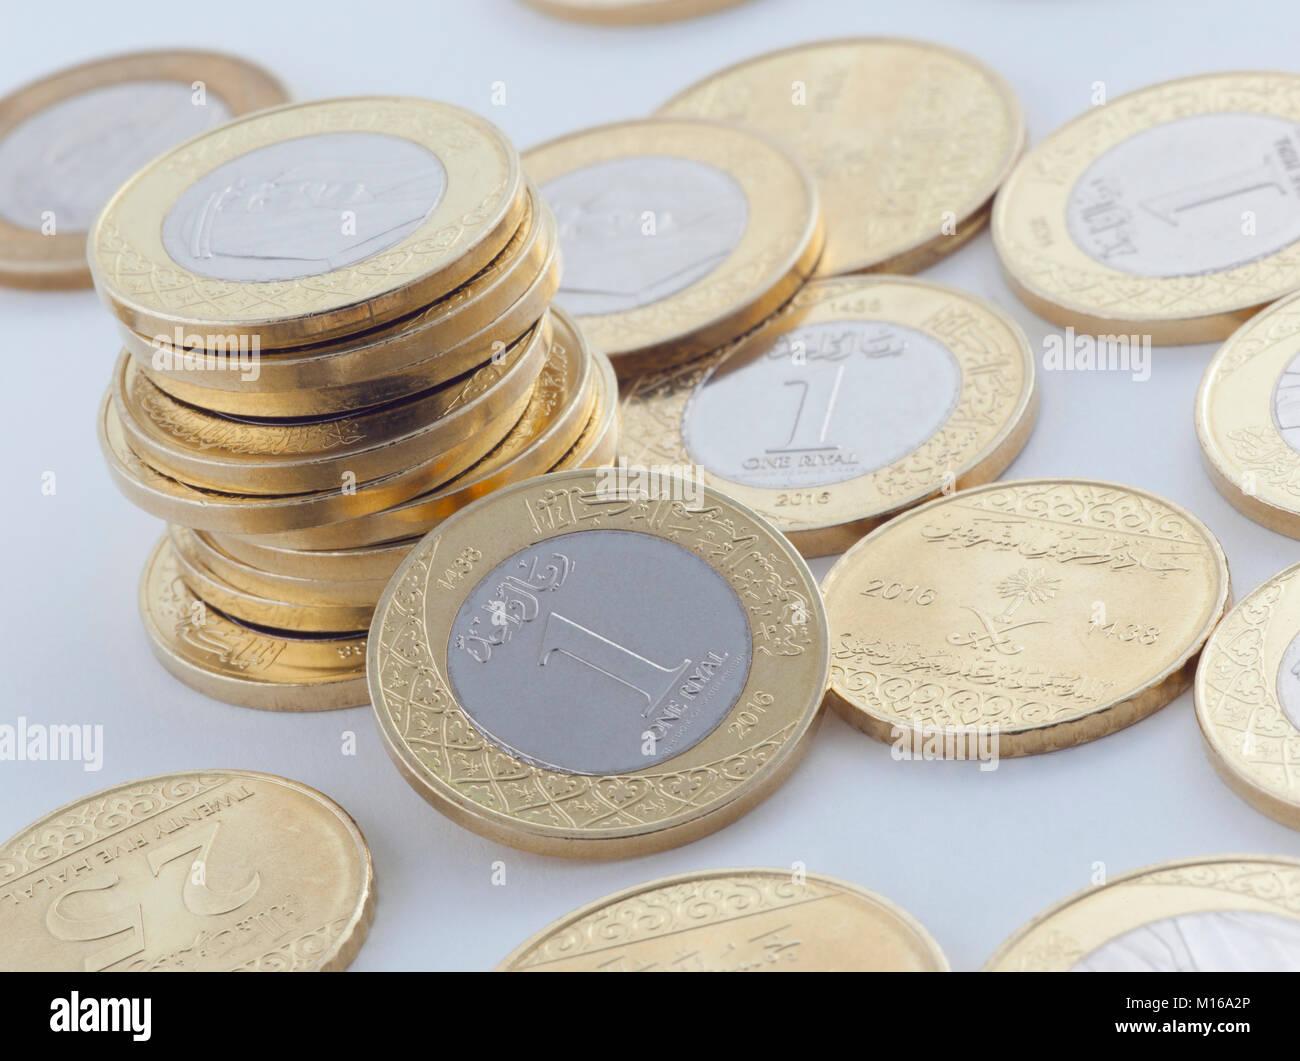 Neue Saudi Riyal Und Halalas Münzen Zeigen König Salman Von Saudi